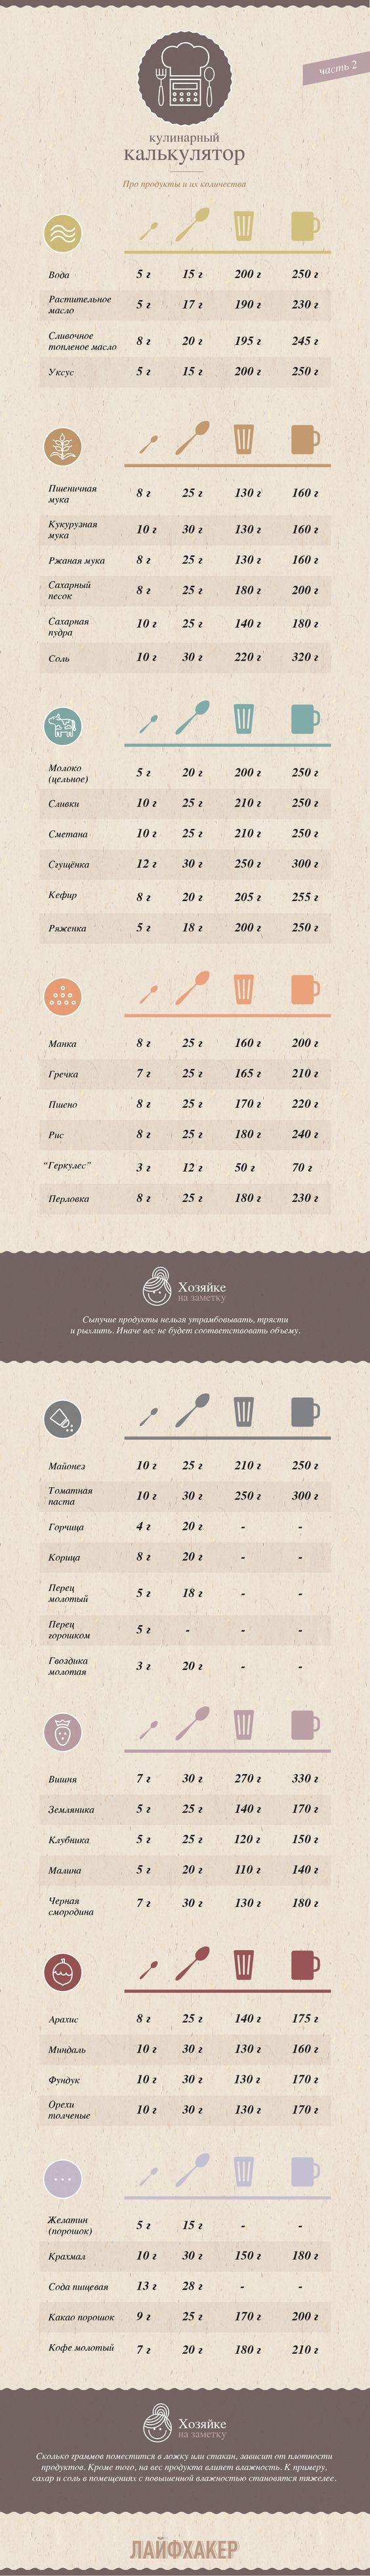 Кулинарный калькулятор. Вес различных продуктов в разных емкостях: